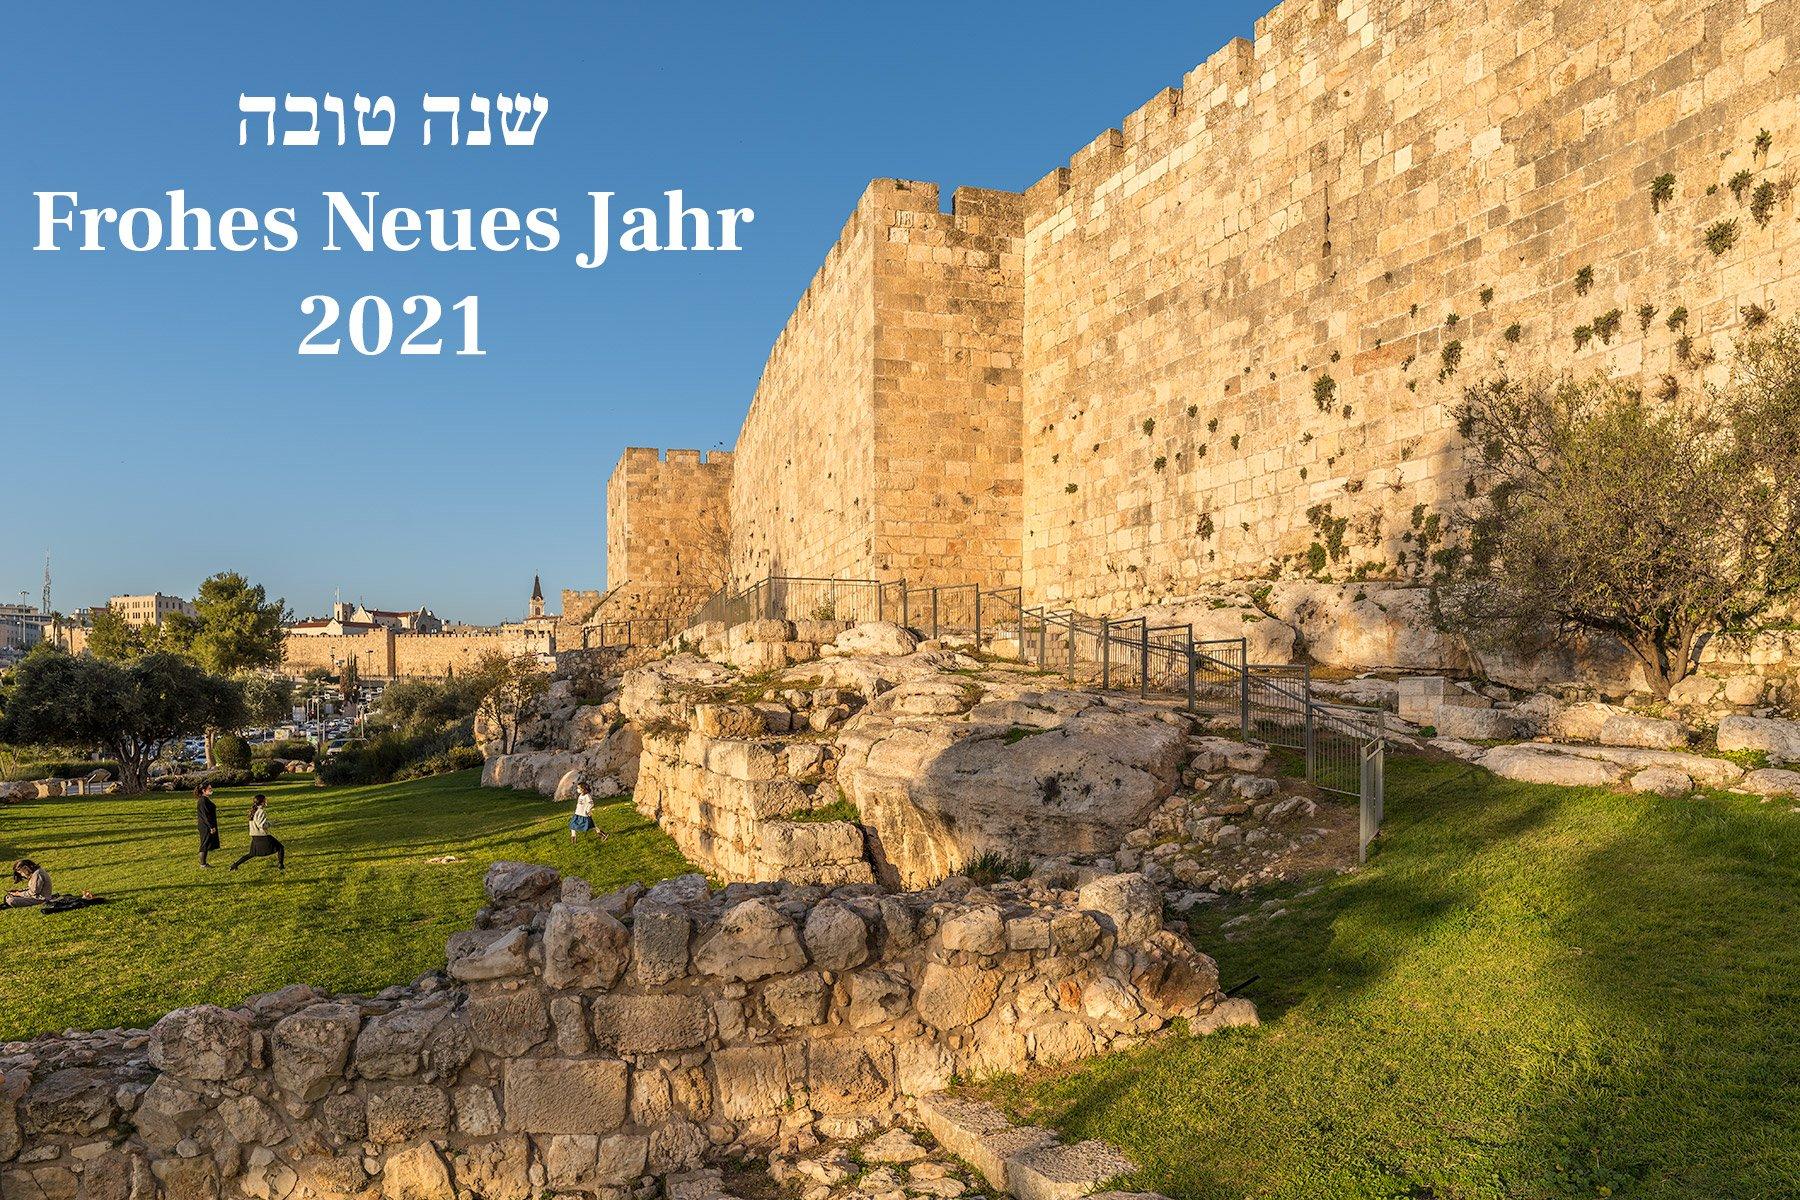 Ein Frohes und Gesundes Neues Jahr 2021